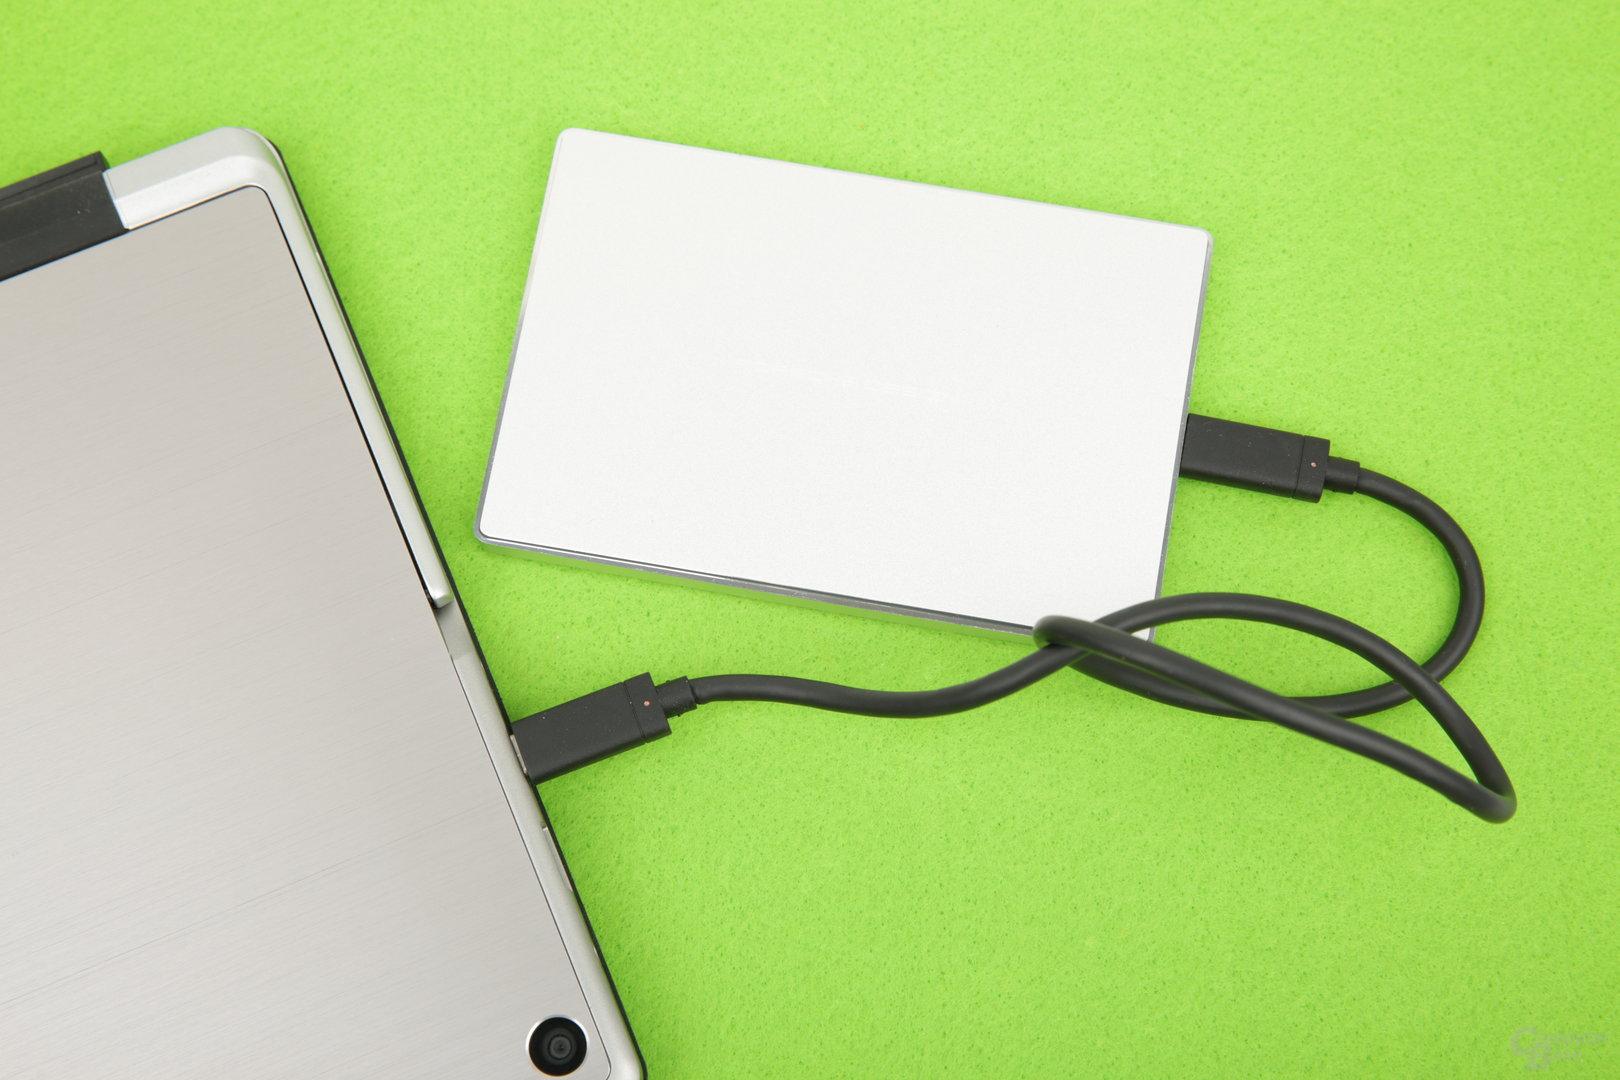 Eine 2,5-Zoll-HDD läuft ohne Probleme